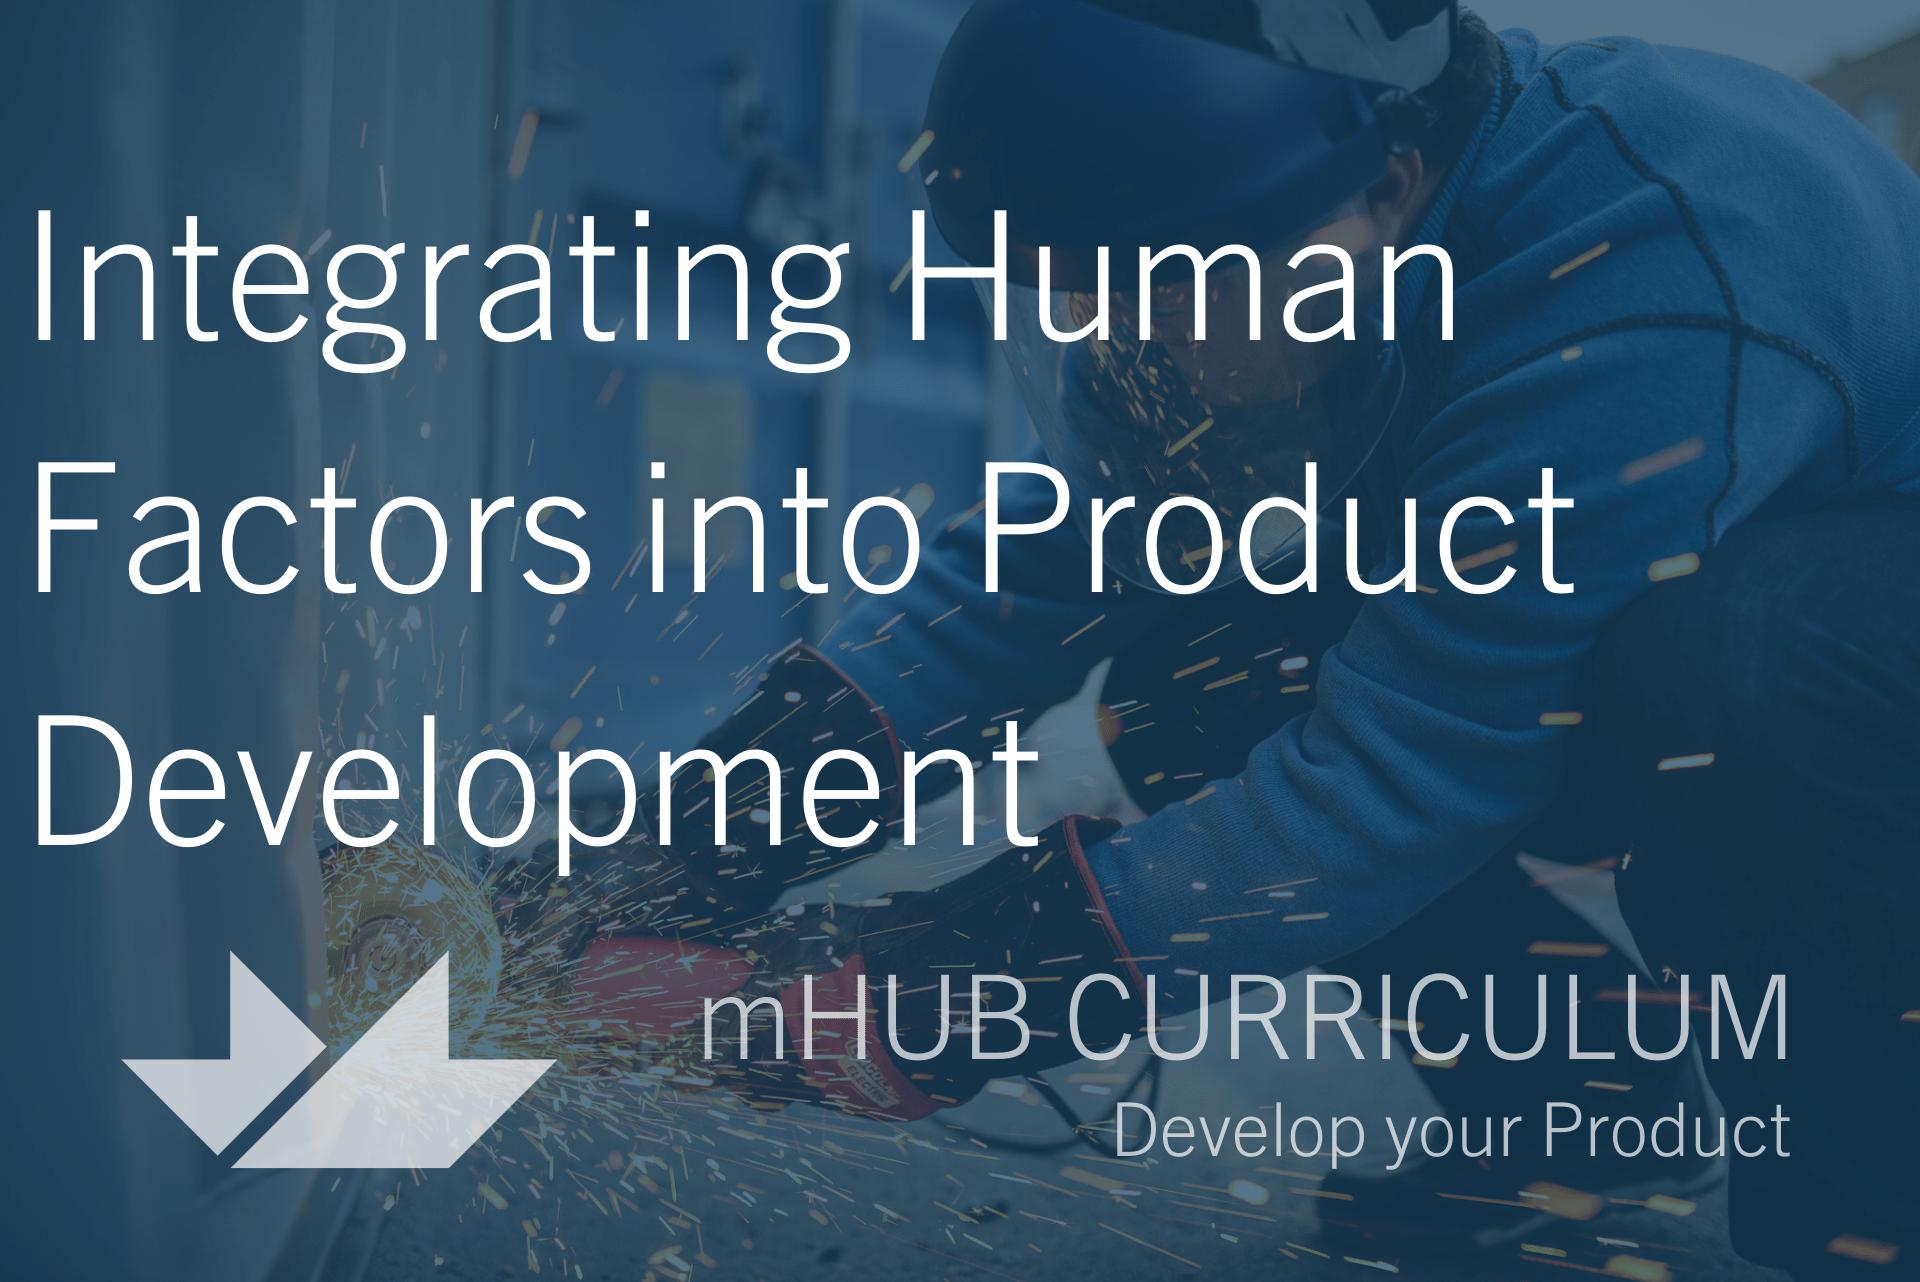 Integrating Human Factors into Product Development